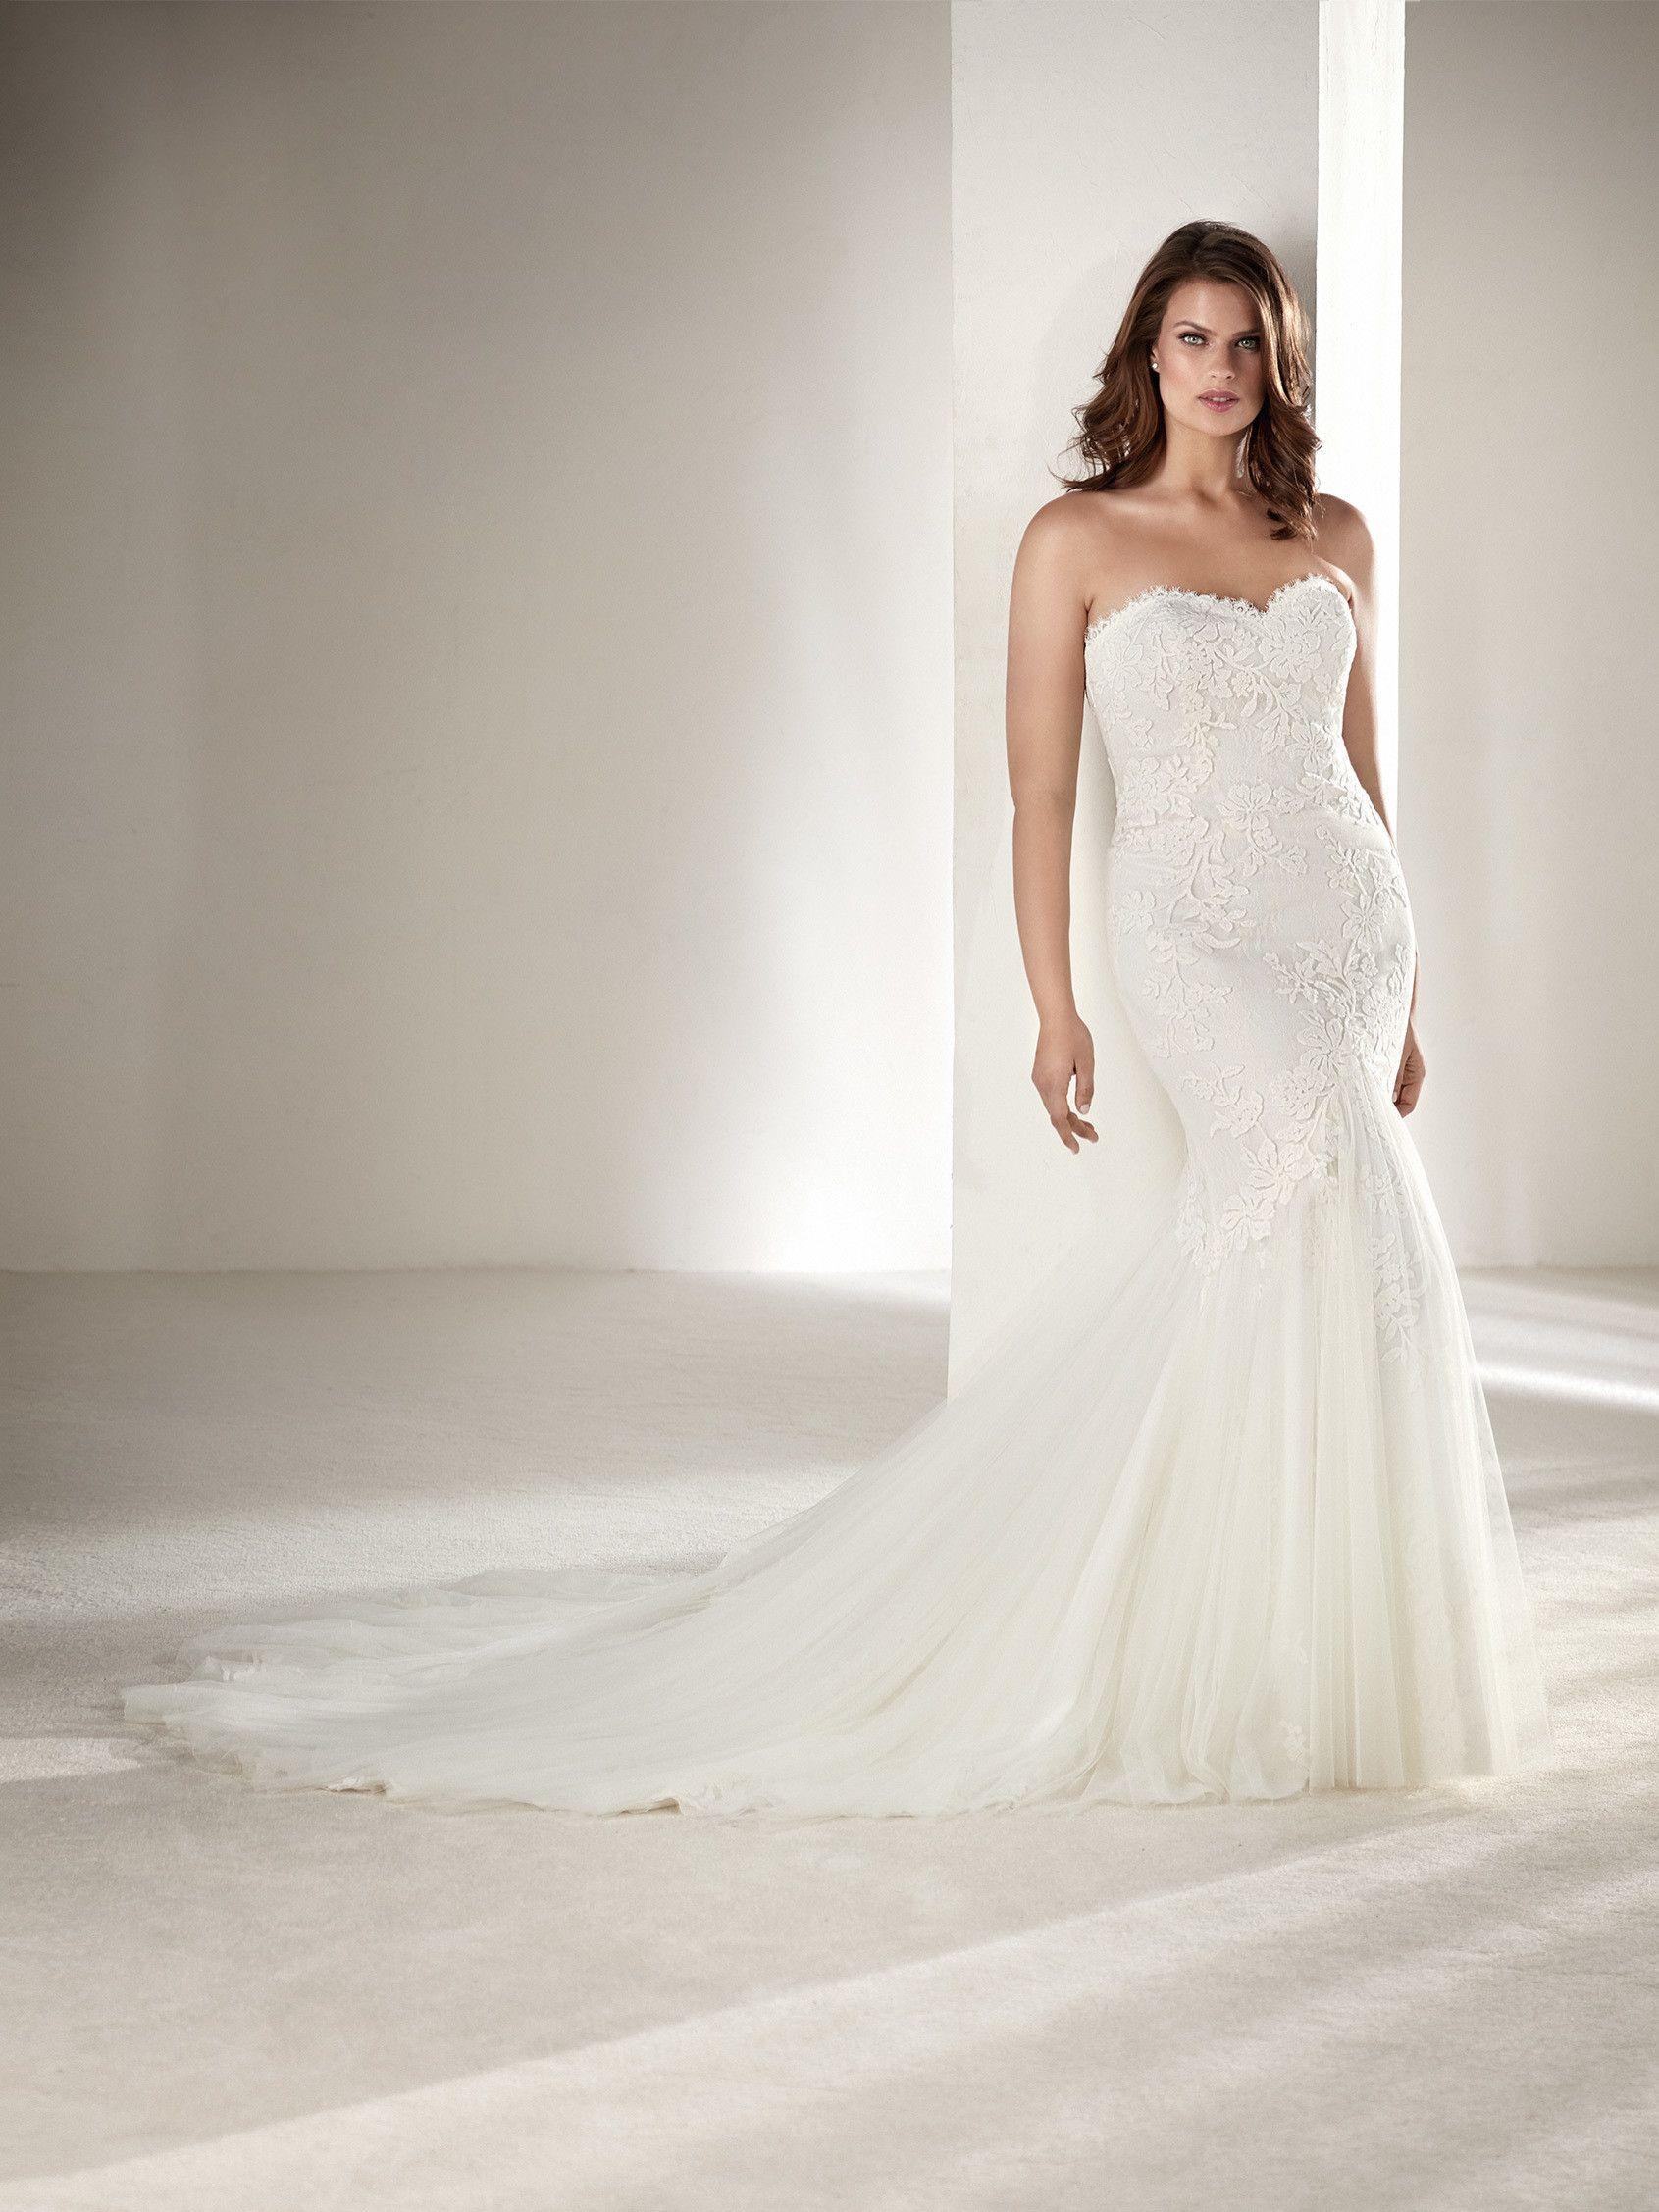 Tolle Große Gatsby Stil Brautjunferkleider Ideen - Brautkleider ...